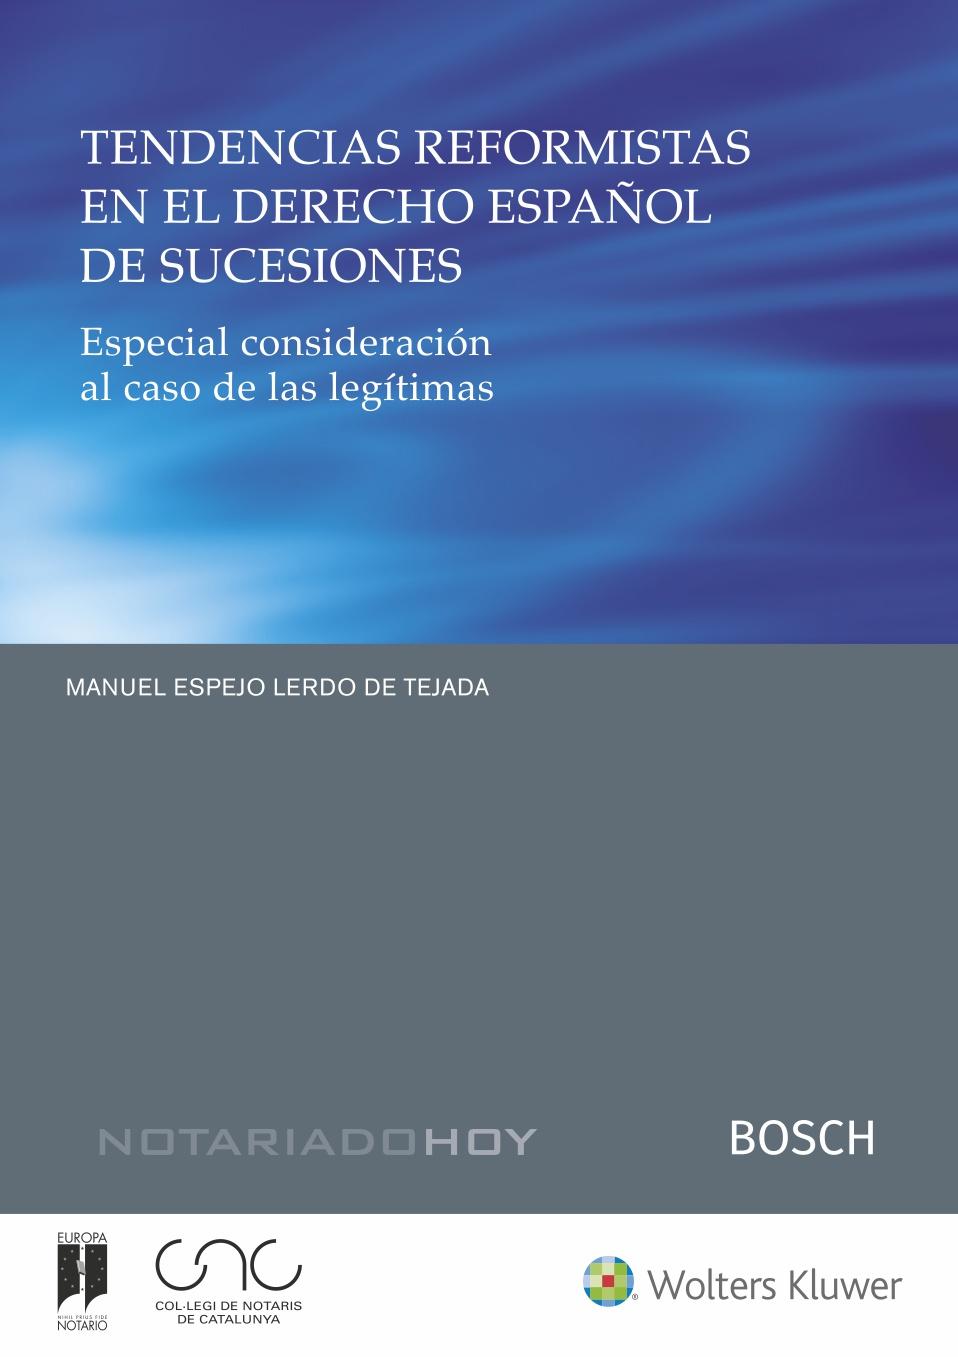 Tendencias reformistas en el derecho español de sucesiones   «Especial consideración al caso de las legítimas»